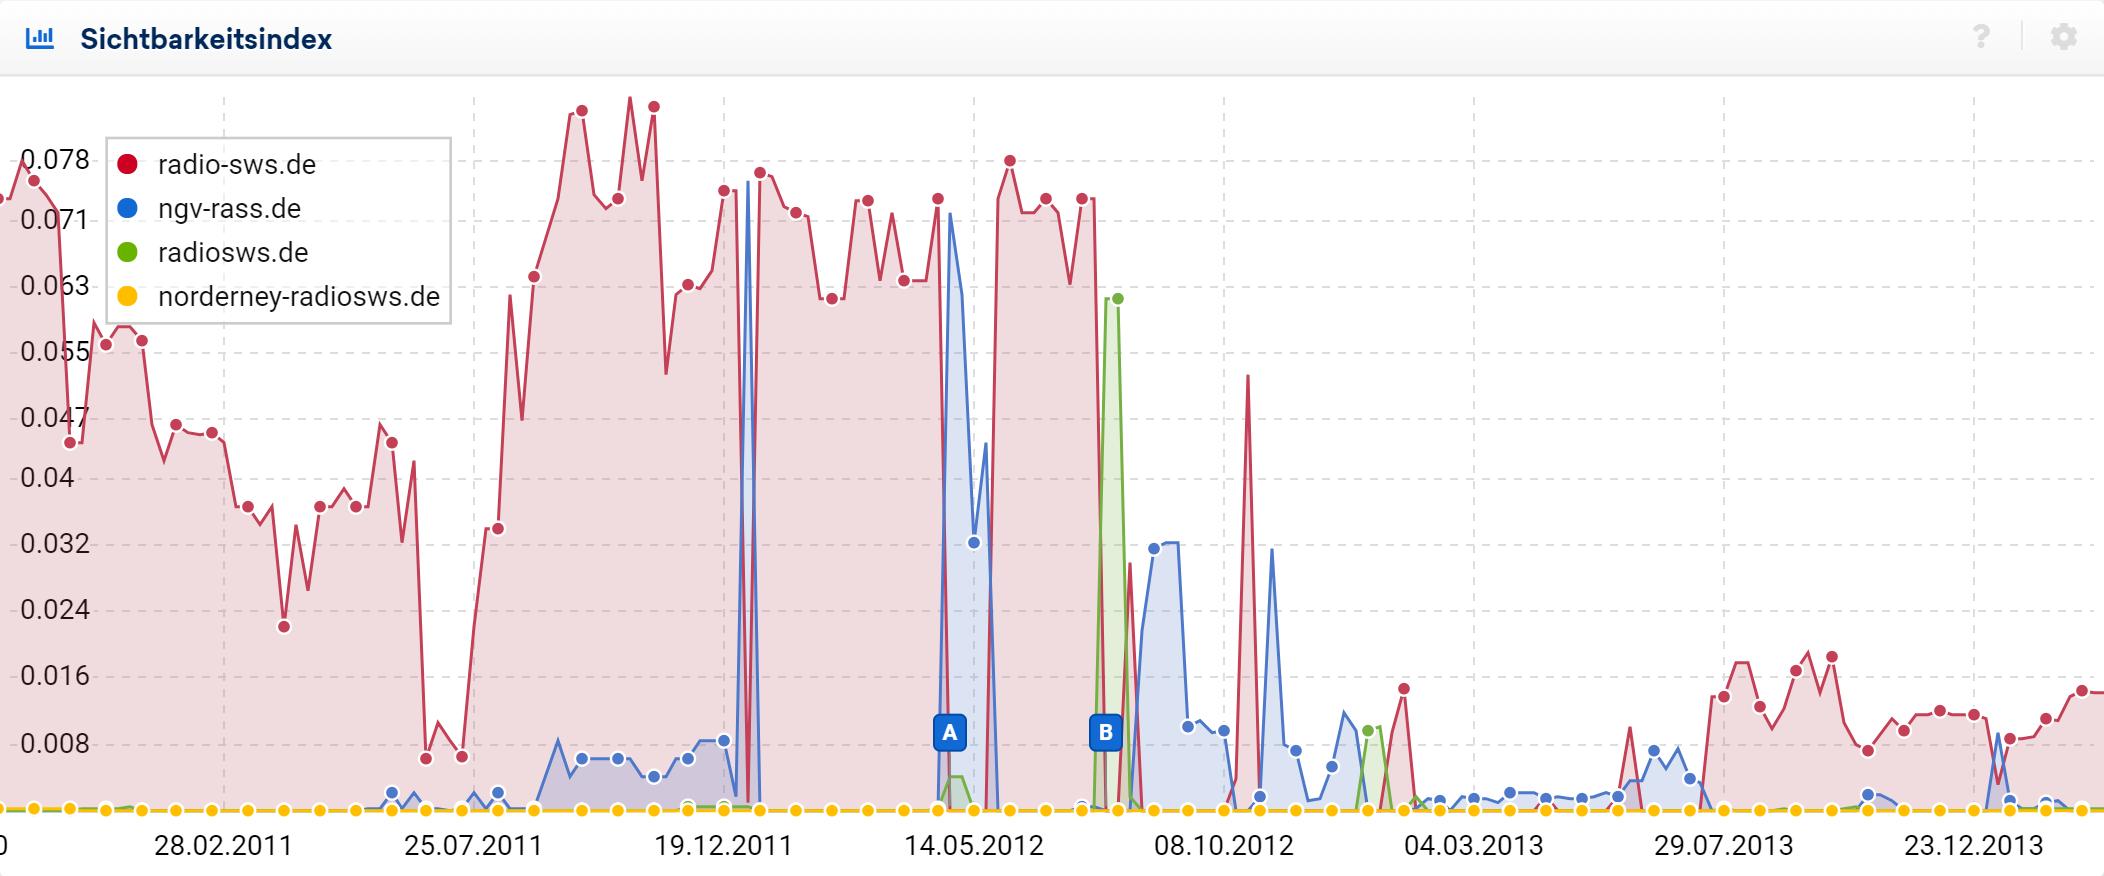 Sichtbarkeitsverläufe für 4 Domains, die alle den gleichen Inhalt bieten. Es gibt immer wieder Zeitpunkte an denen Google sich entscheidet eine andere der Domains in den Ergebnissen anzuzeigen. Drei Verläufe wechseln sich ab.